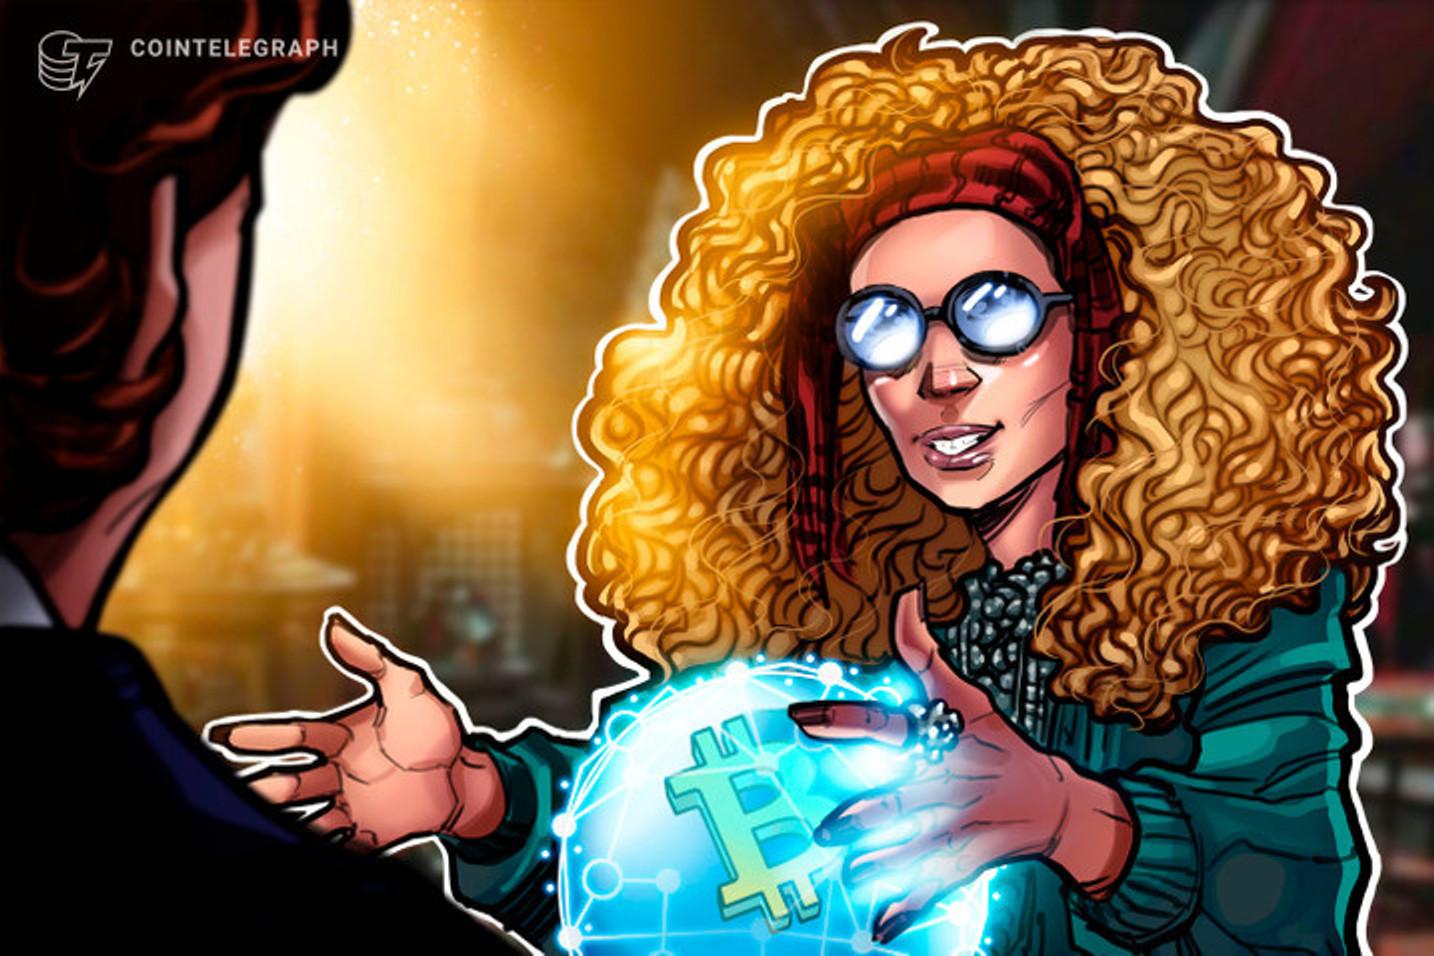 Bitcoin alcanzará los 50.000 dólares en 2021, según la famosa lista de previsiones de Scott Galloway